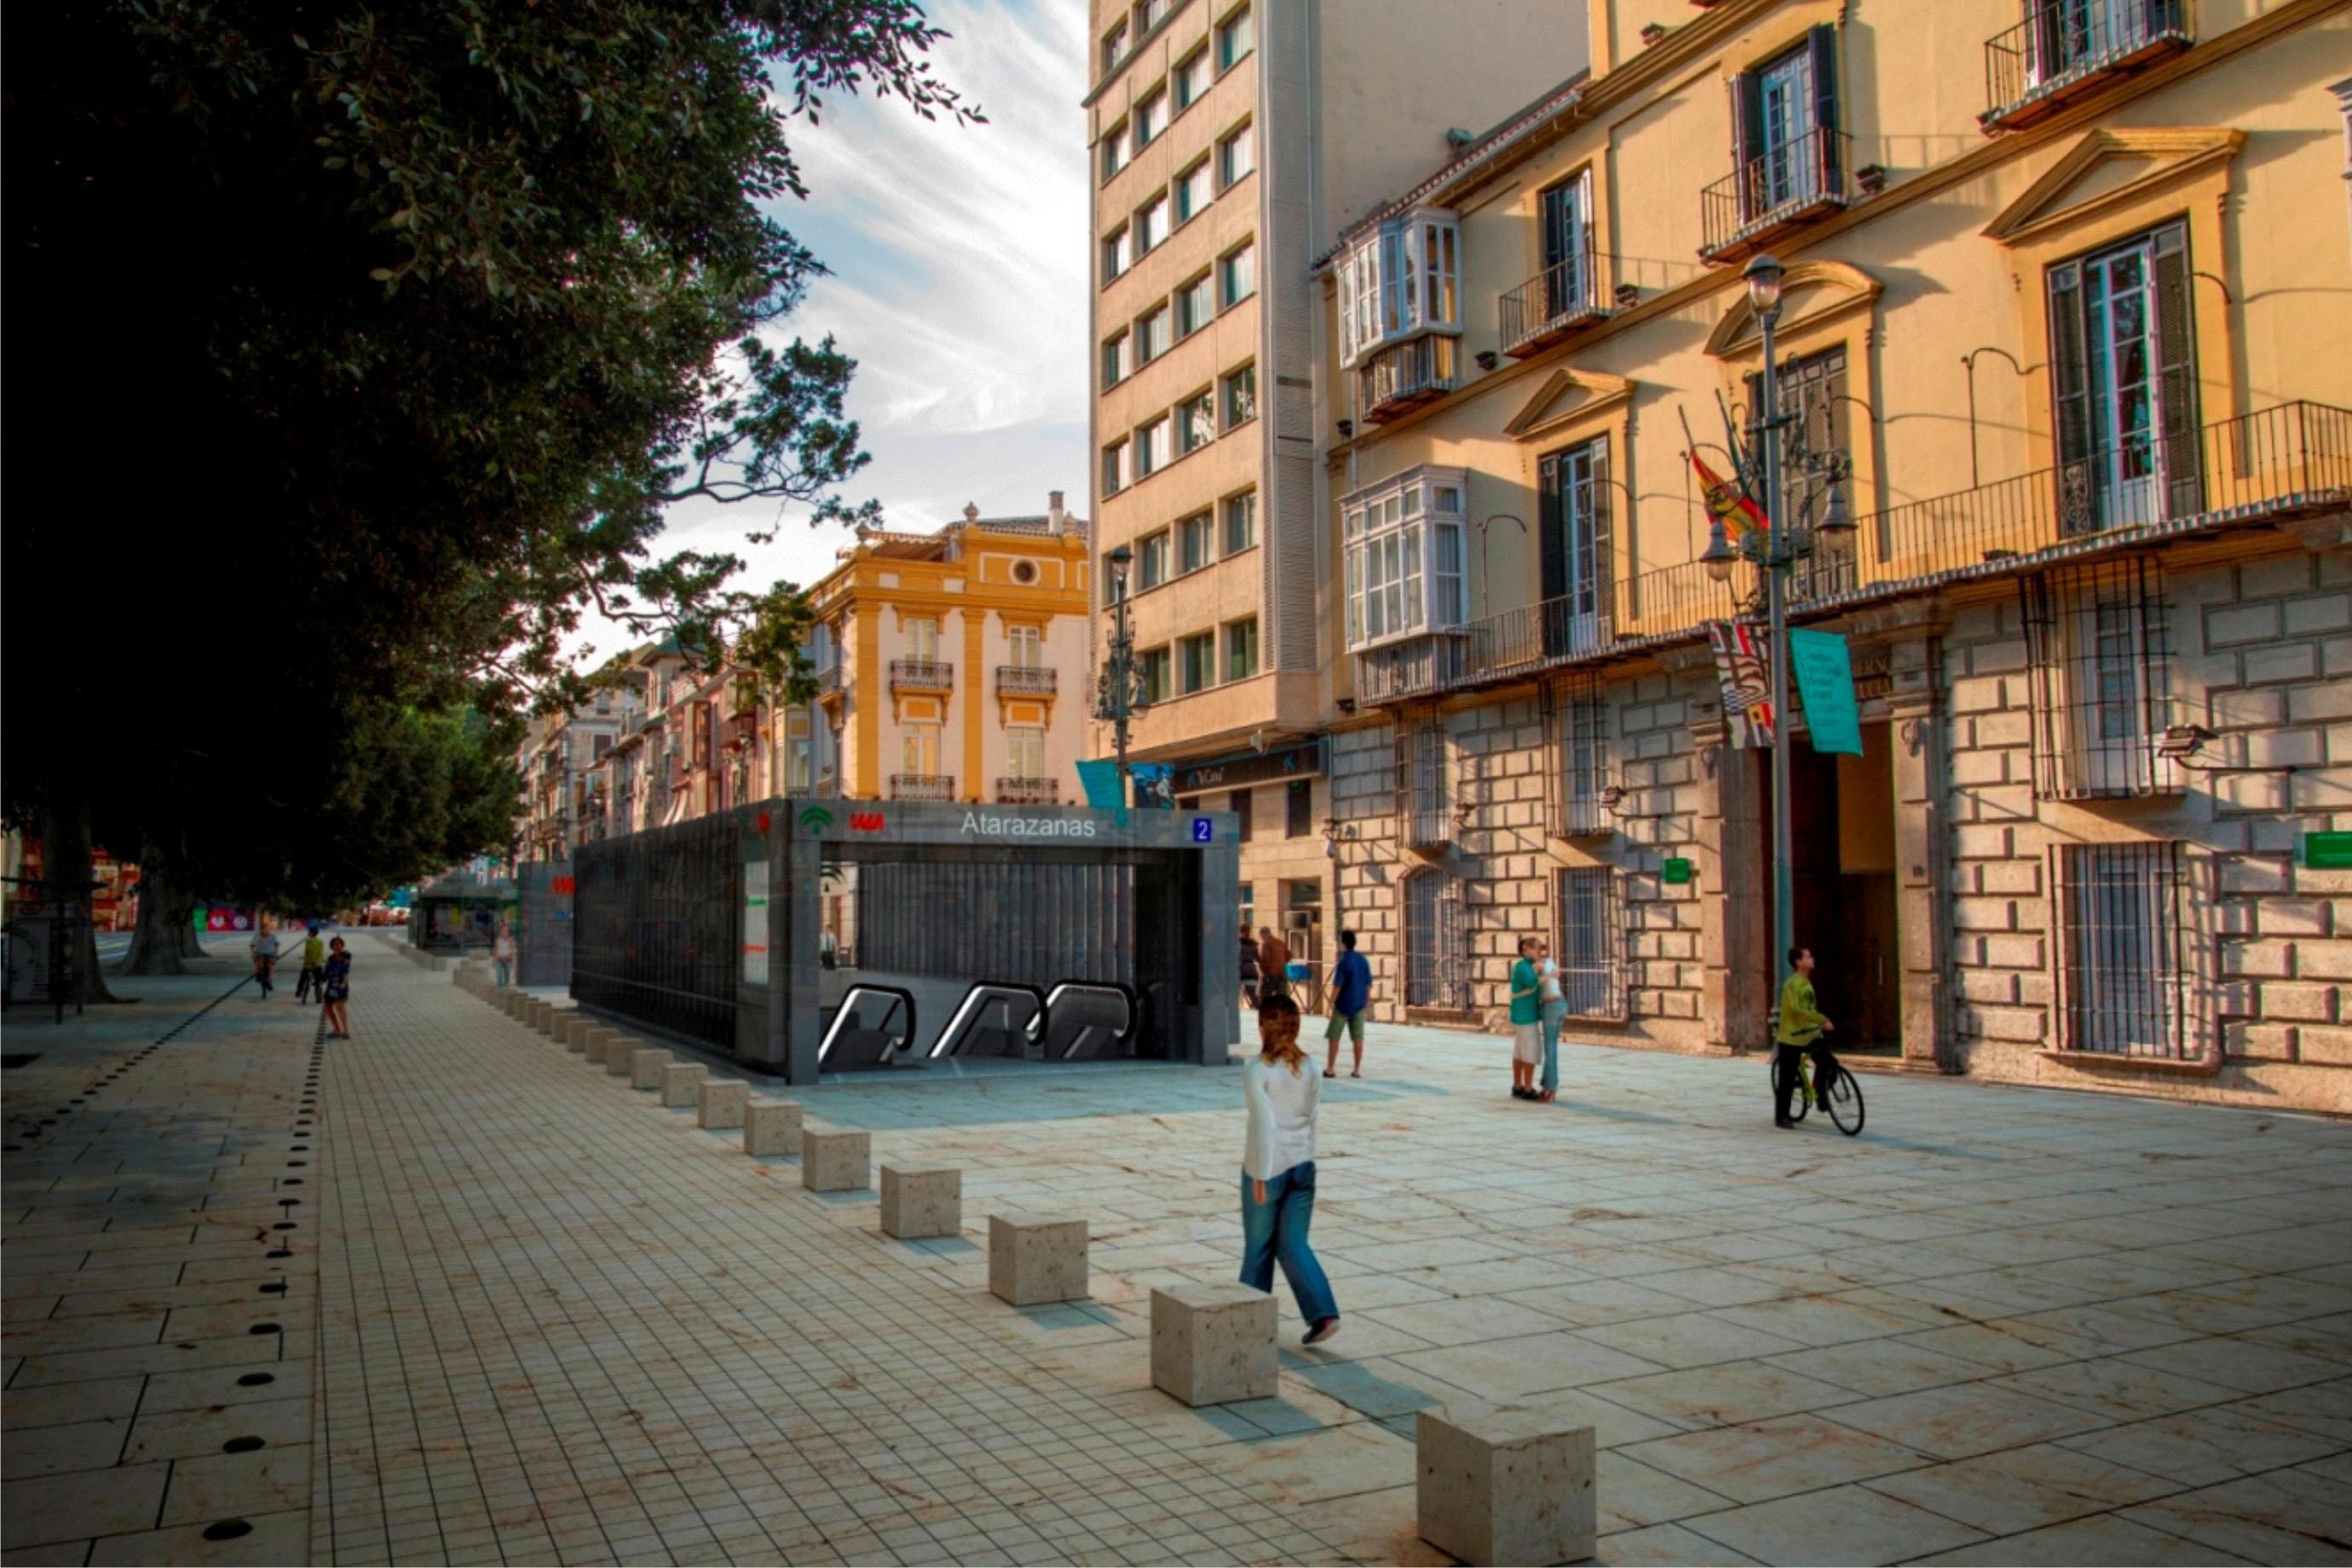 LICITACI�N: Obras de la infraestructura y superestructura de v�a de las L�neas 1 y 2 del Metro de M�laga, Tramo: Guadalmedina-Atarazanas